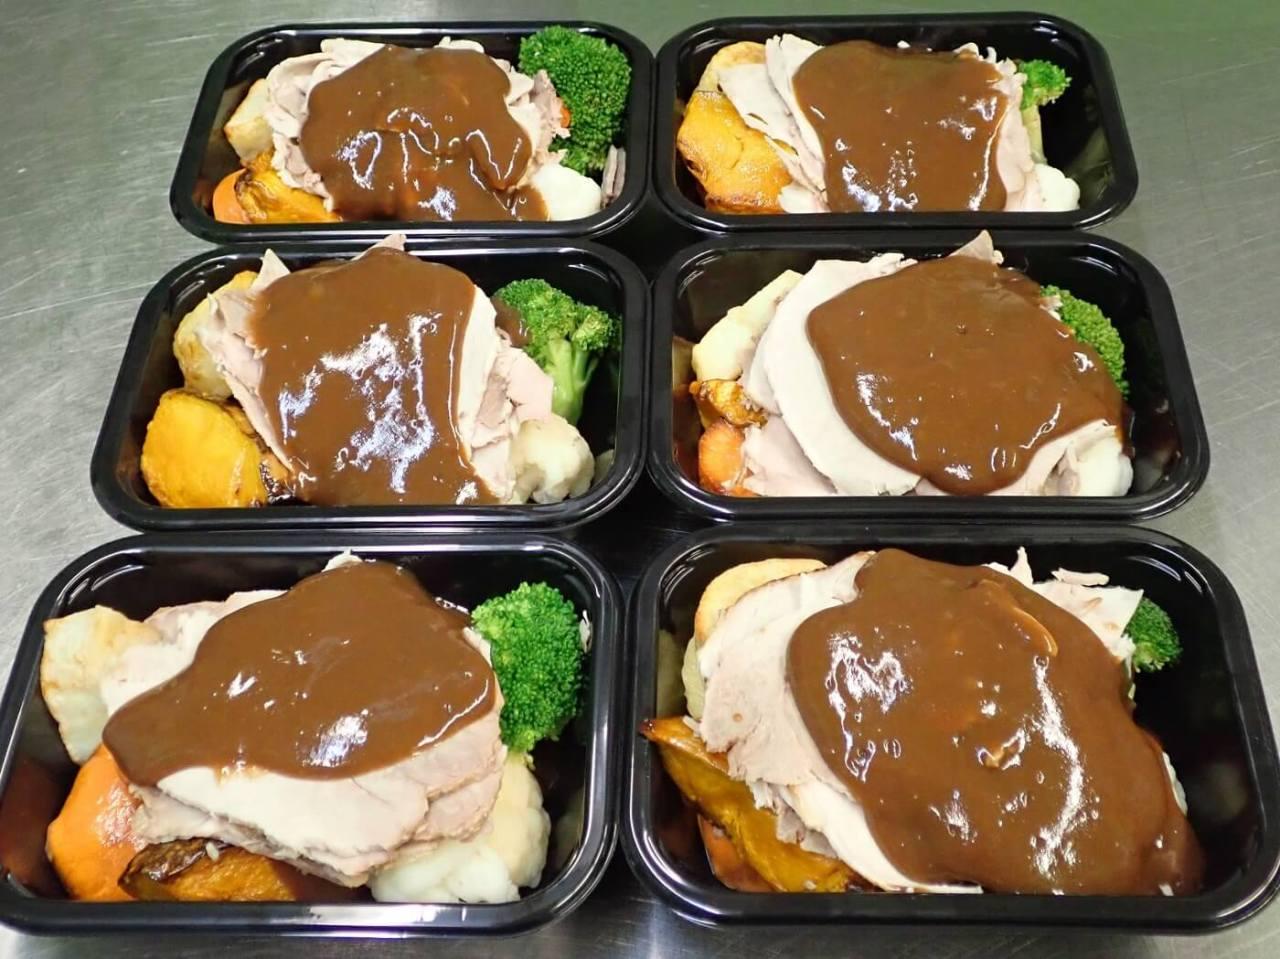 Six Roast Pork ready-meals in packaging trays